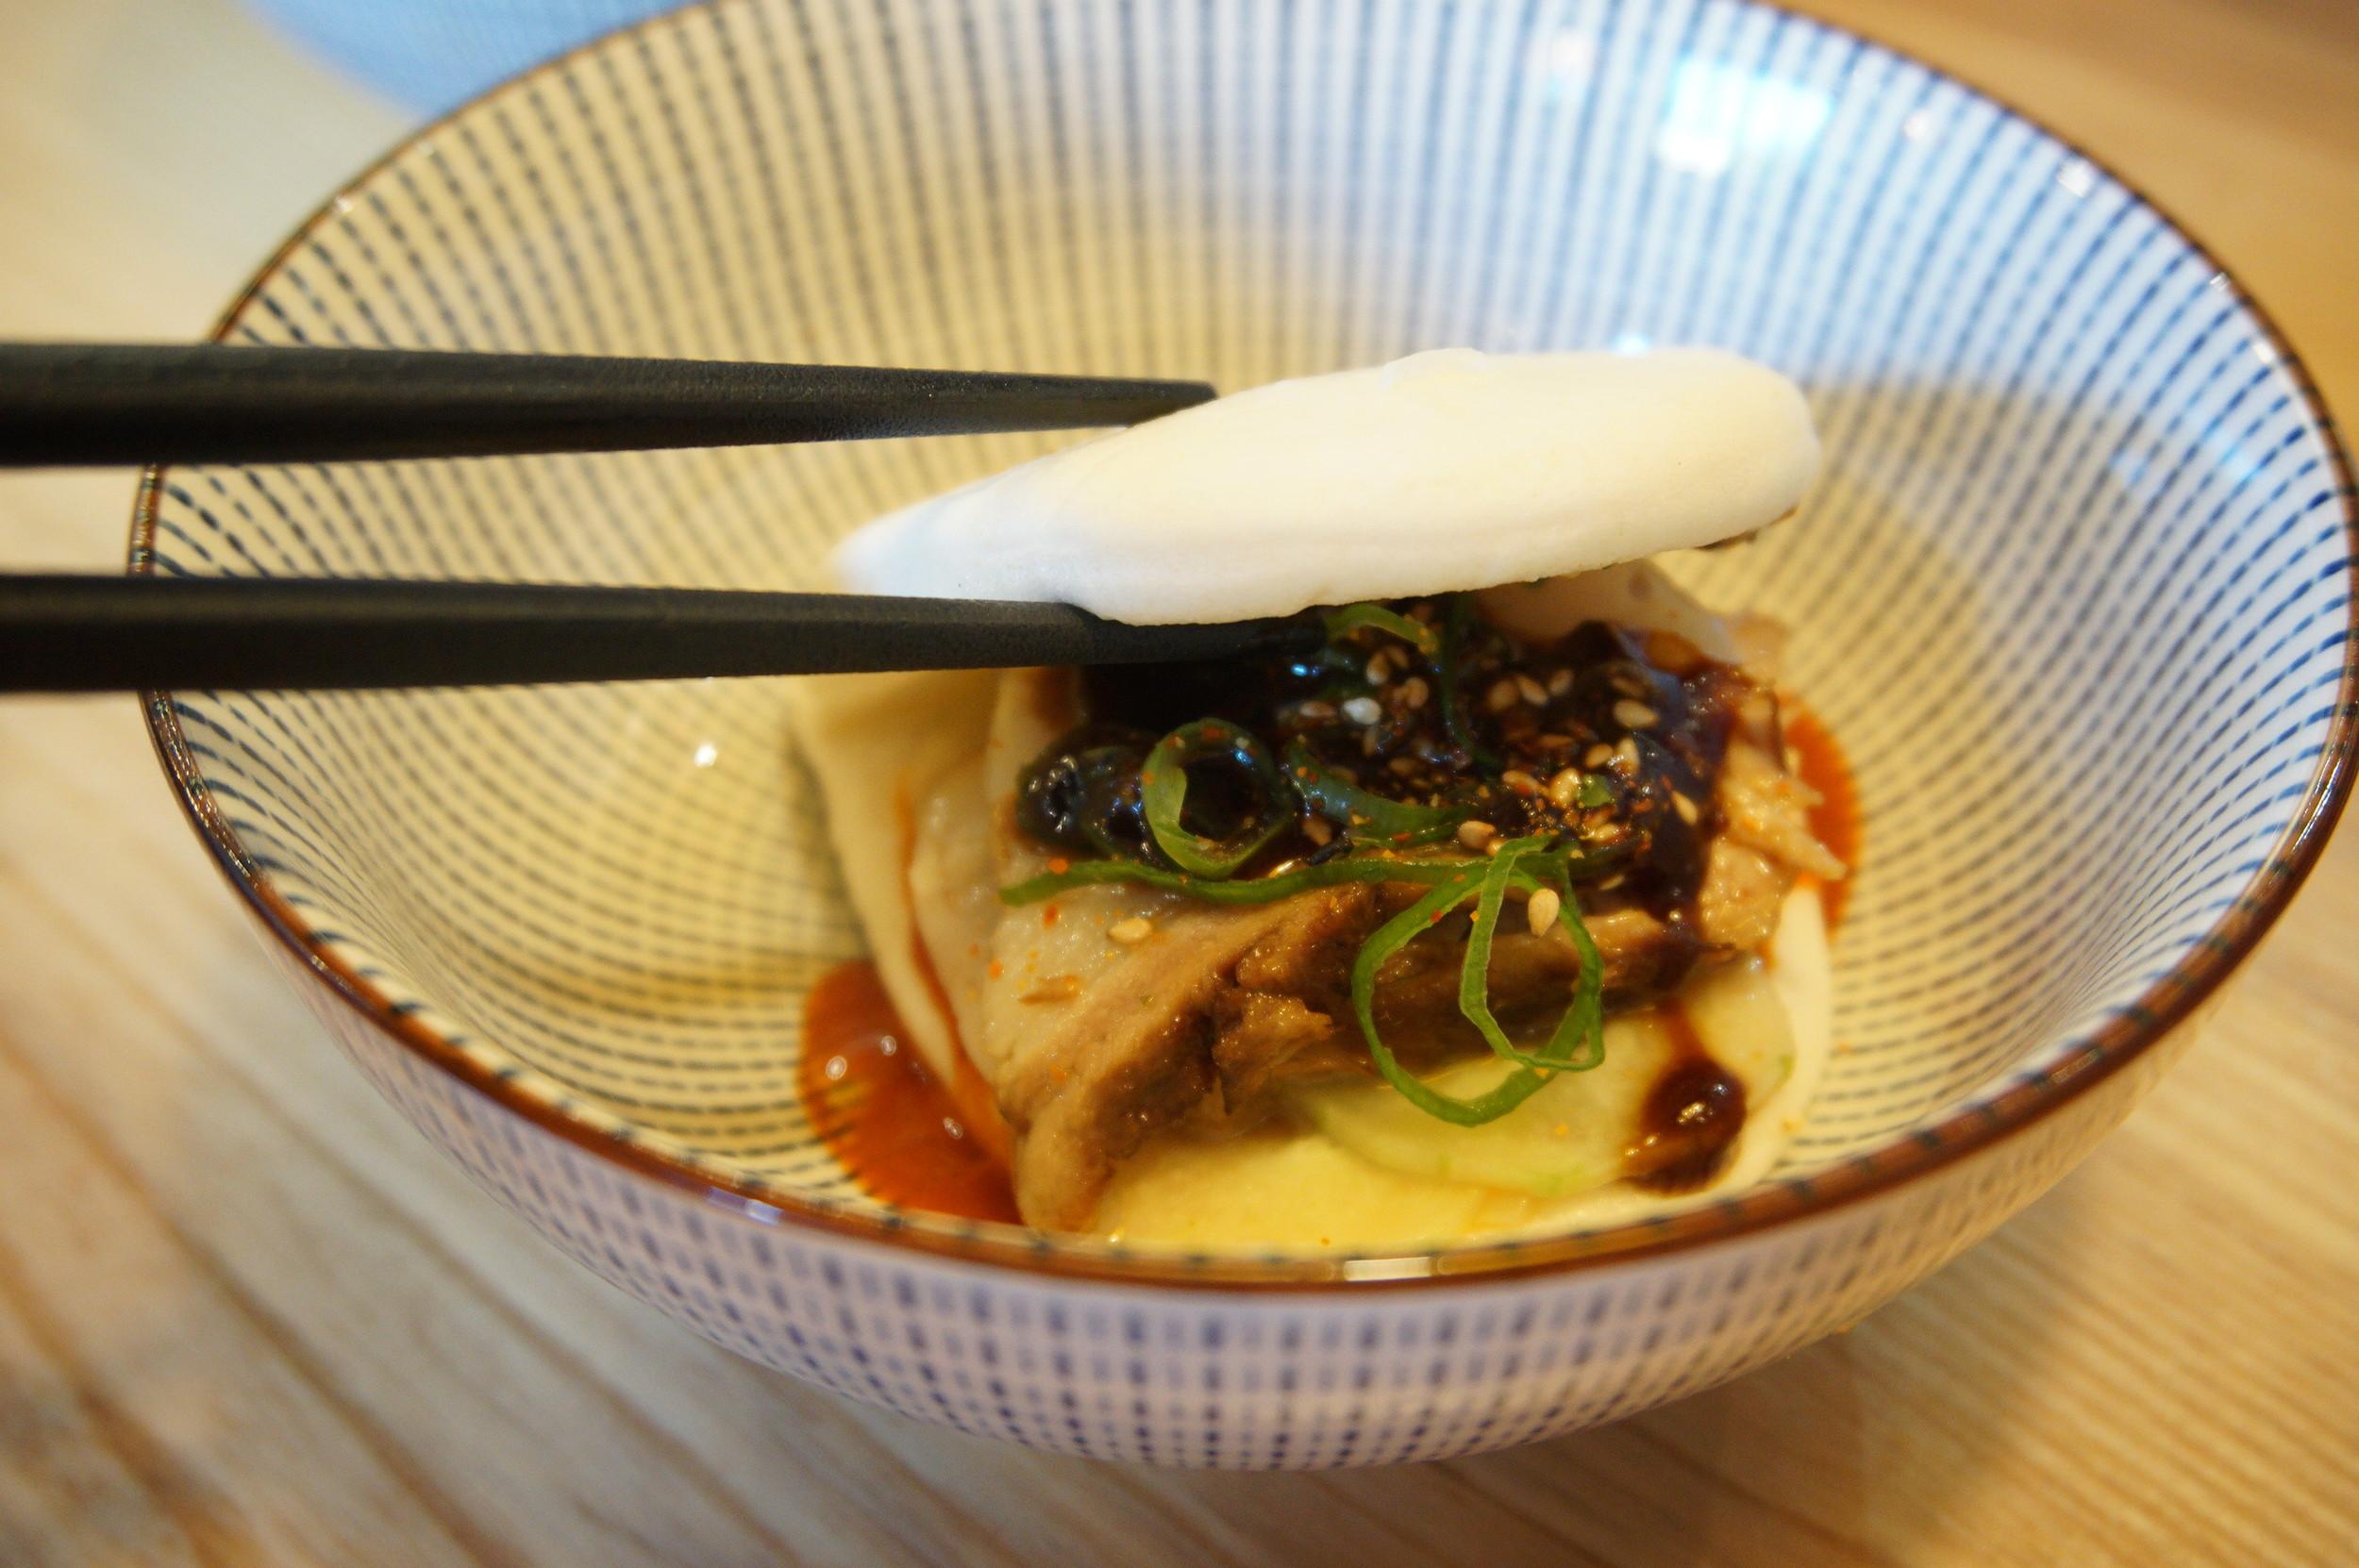 Nomstar's Spicy Bao